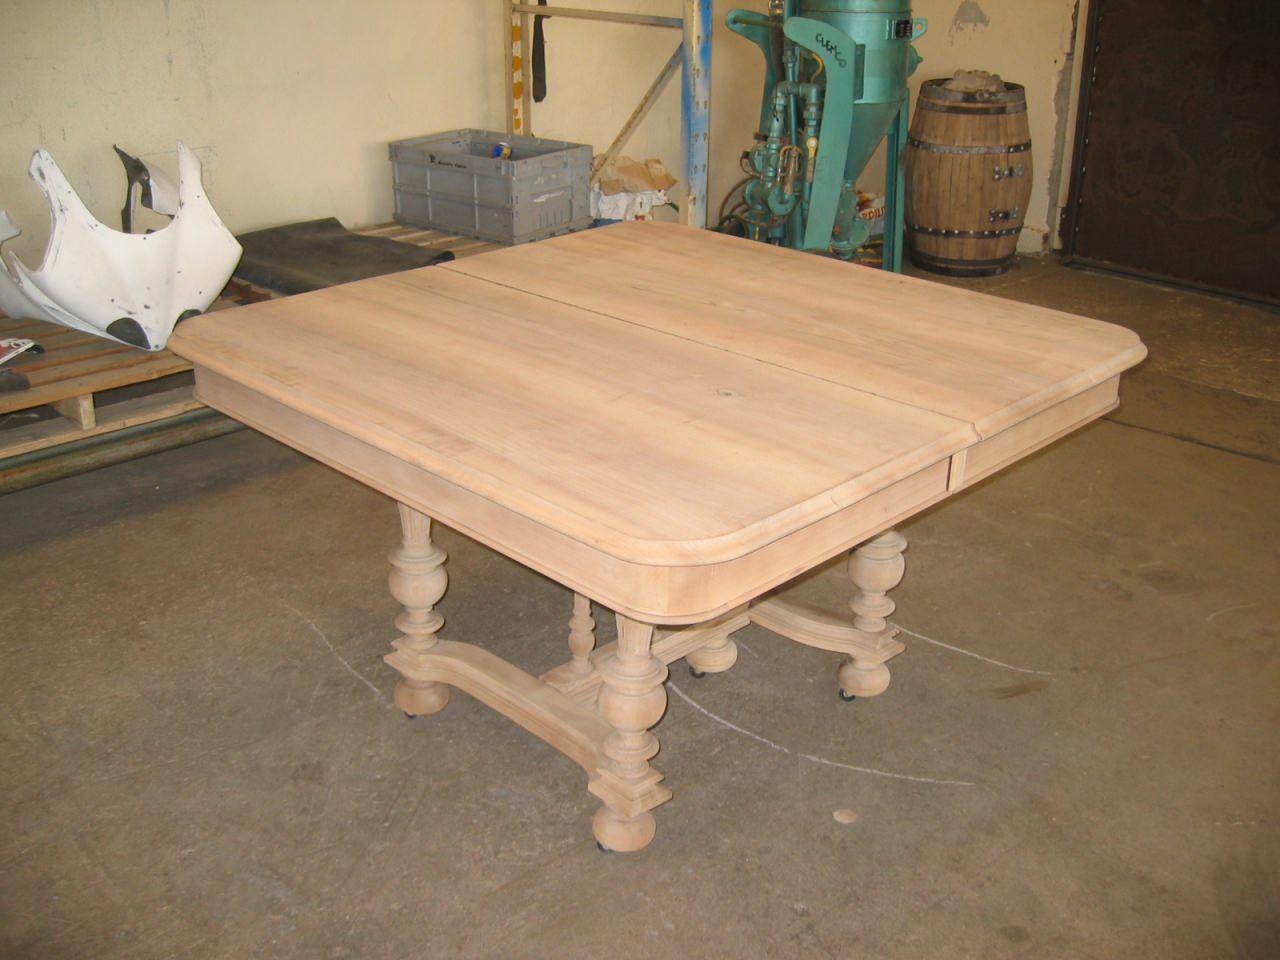 D capage meuble et sablage radiateur - Renover une table en bois en moderne ...